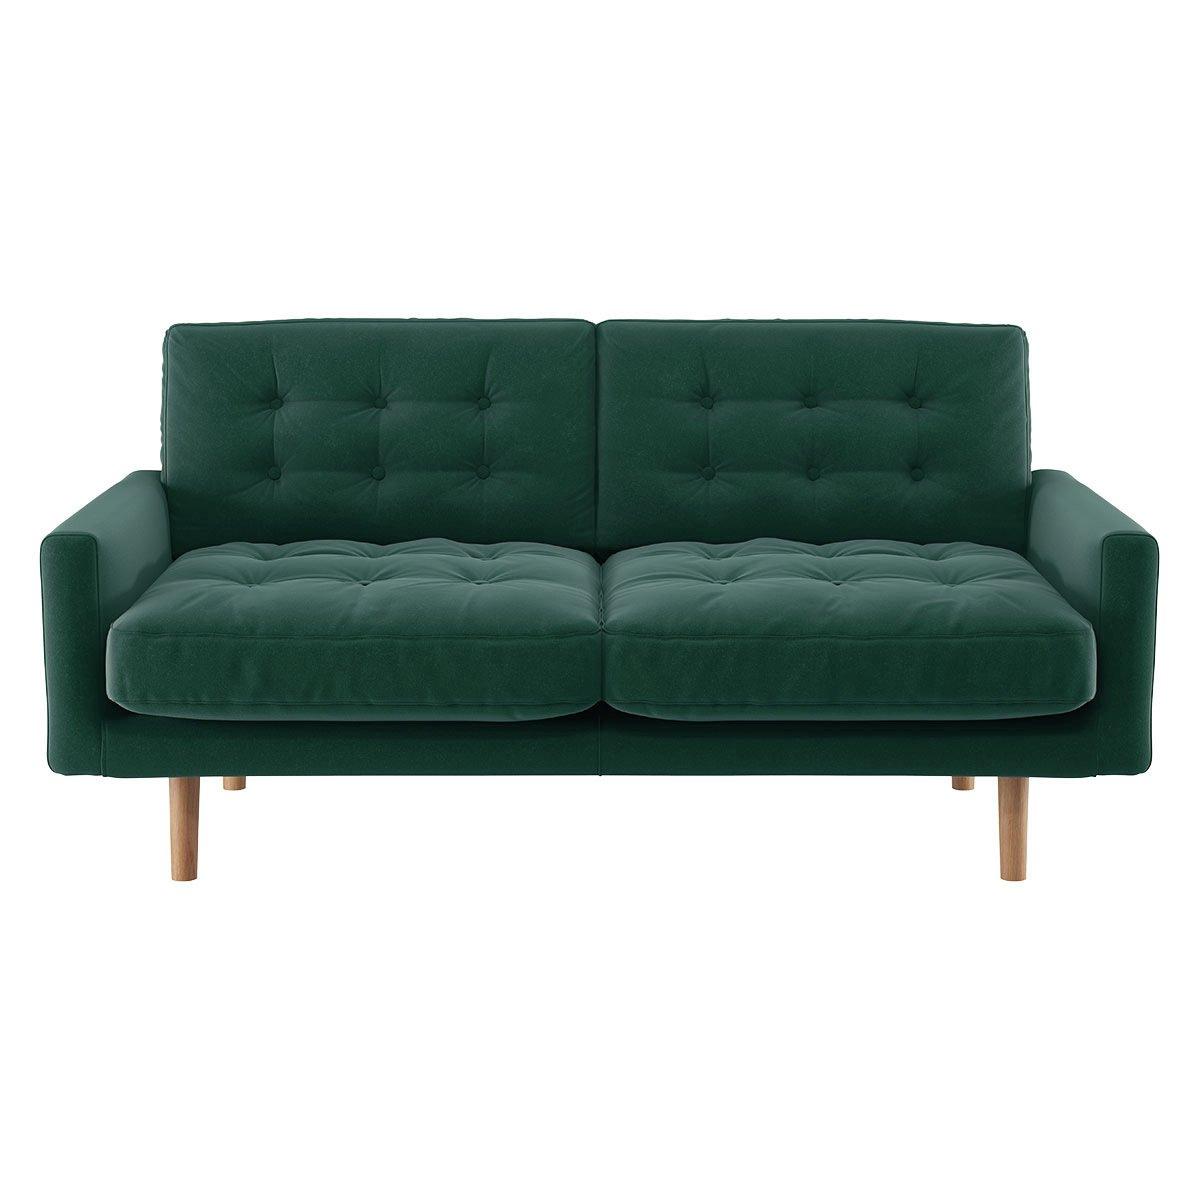 Habitat Fenner 2 Seater Velvet Sofa - Emerald Green